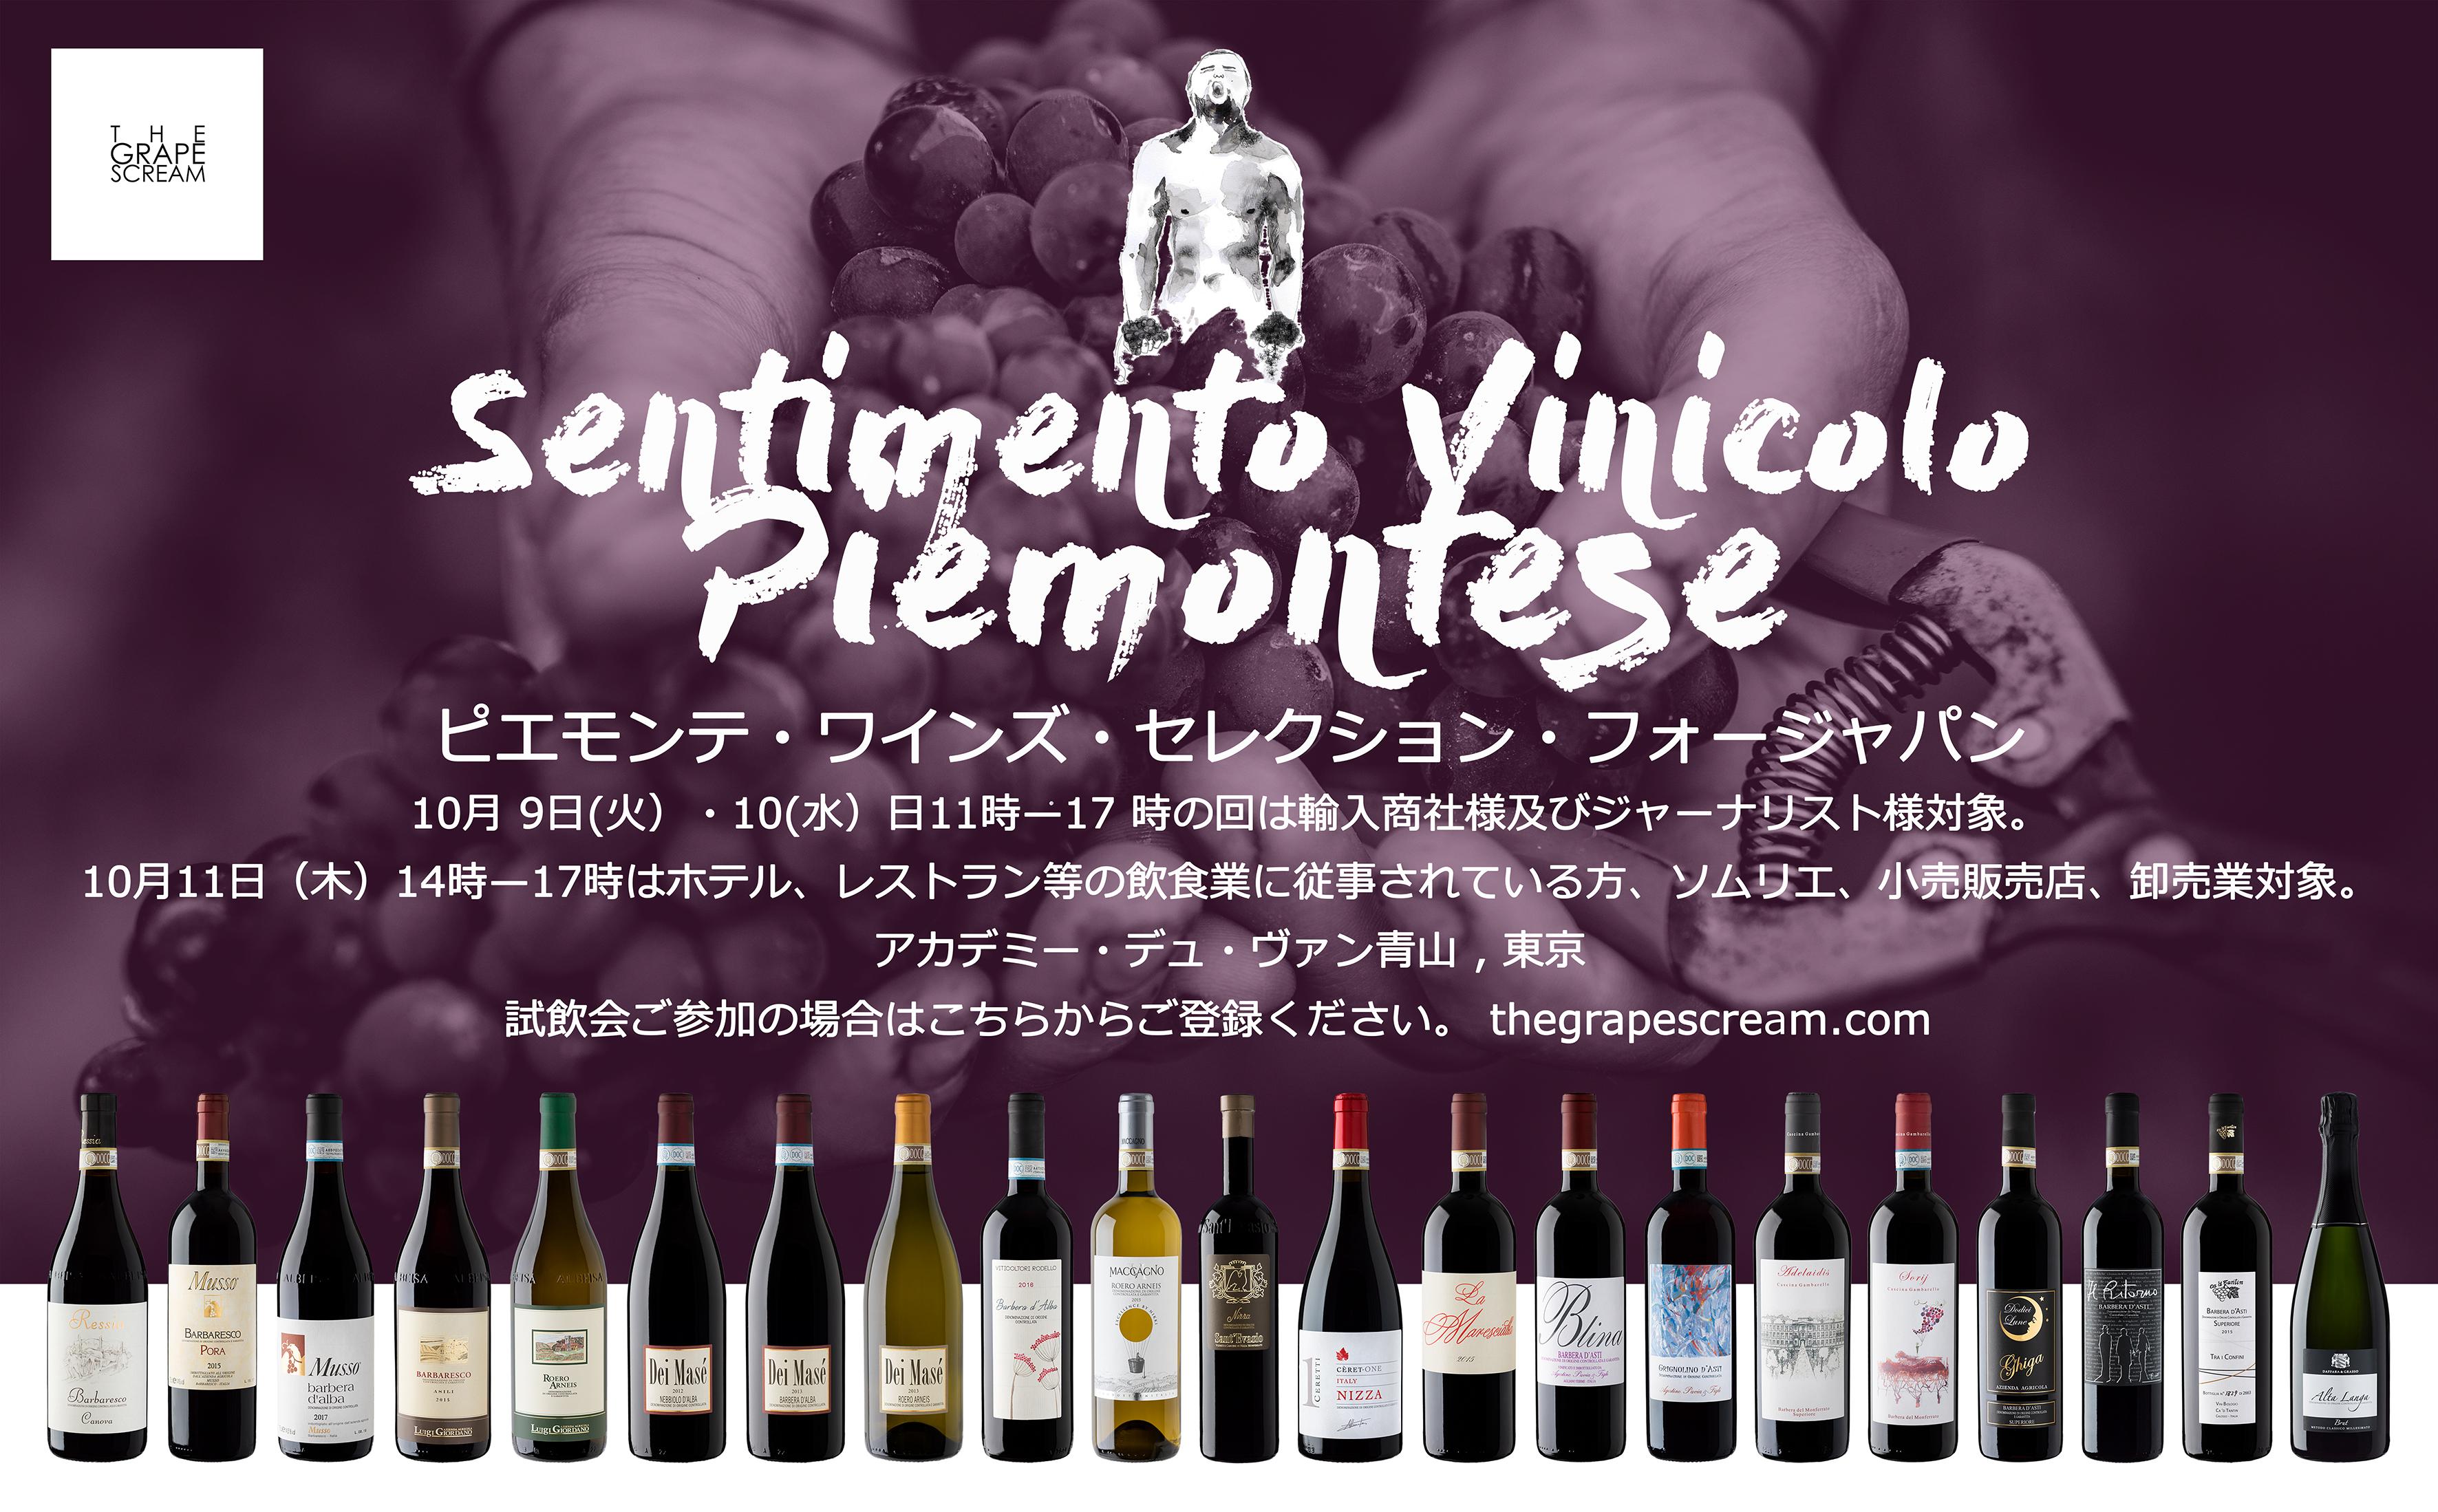 ピエモンテ・ワインズ・セレクション・フォージャパン開催!―ザ・グレープ・スクリーム